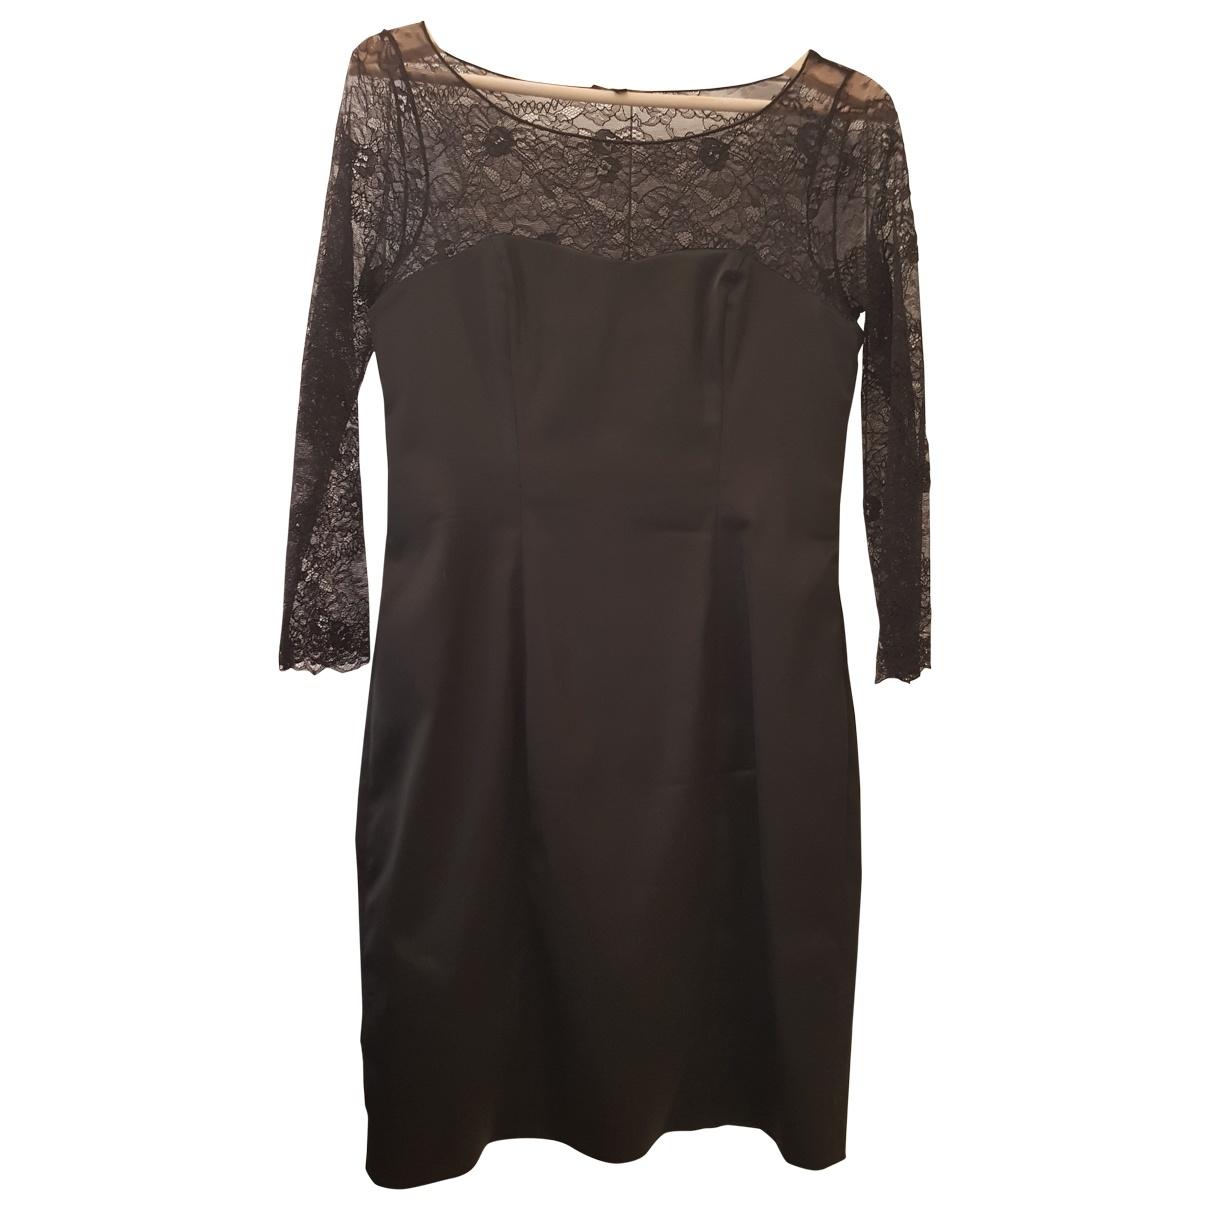 La Perla \N Black Lace dress for Women 42 IT